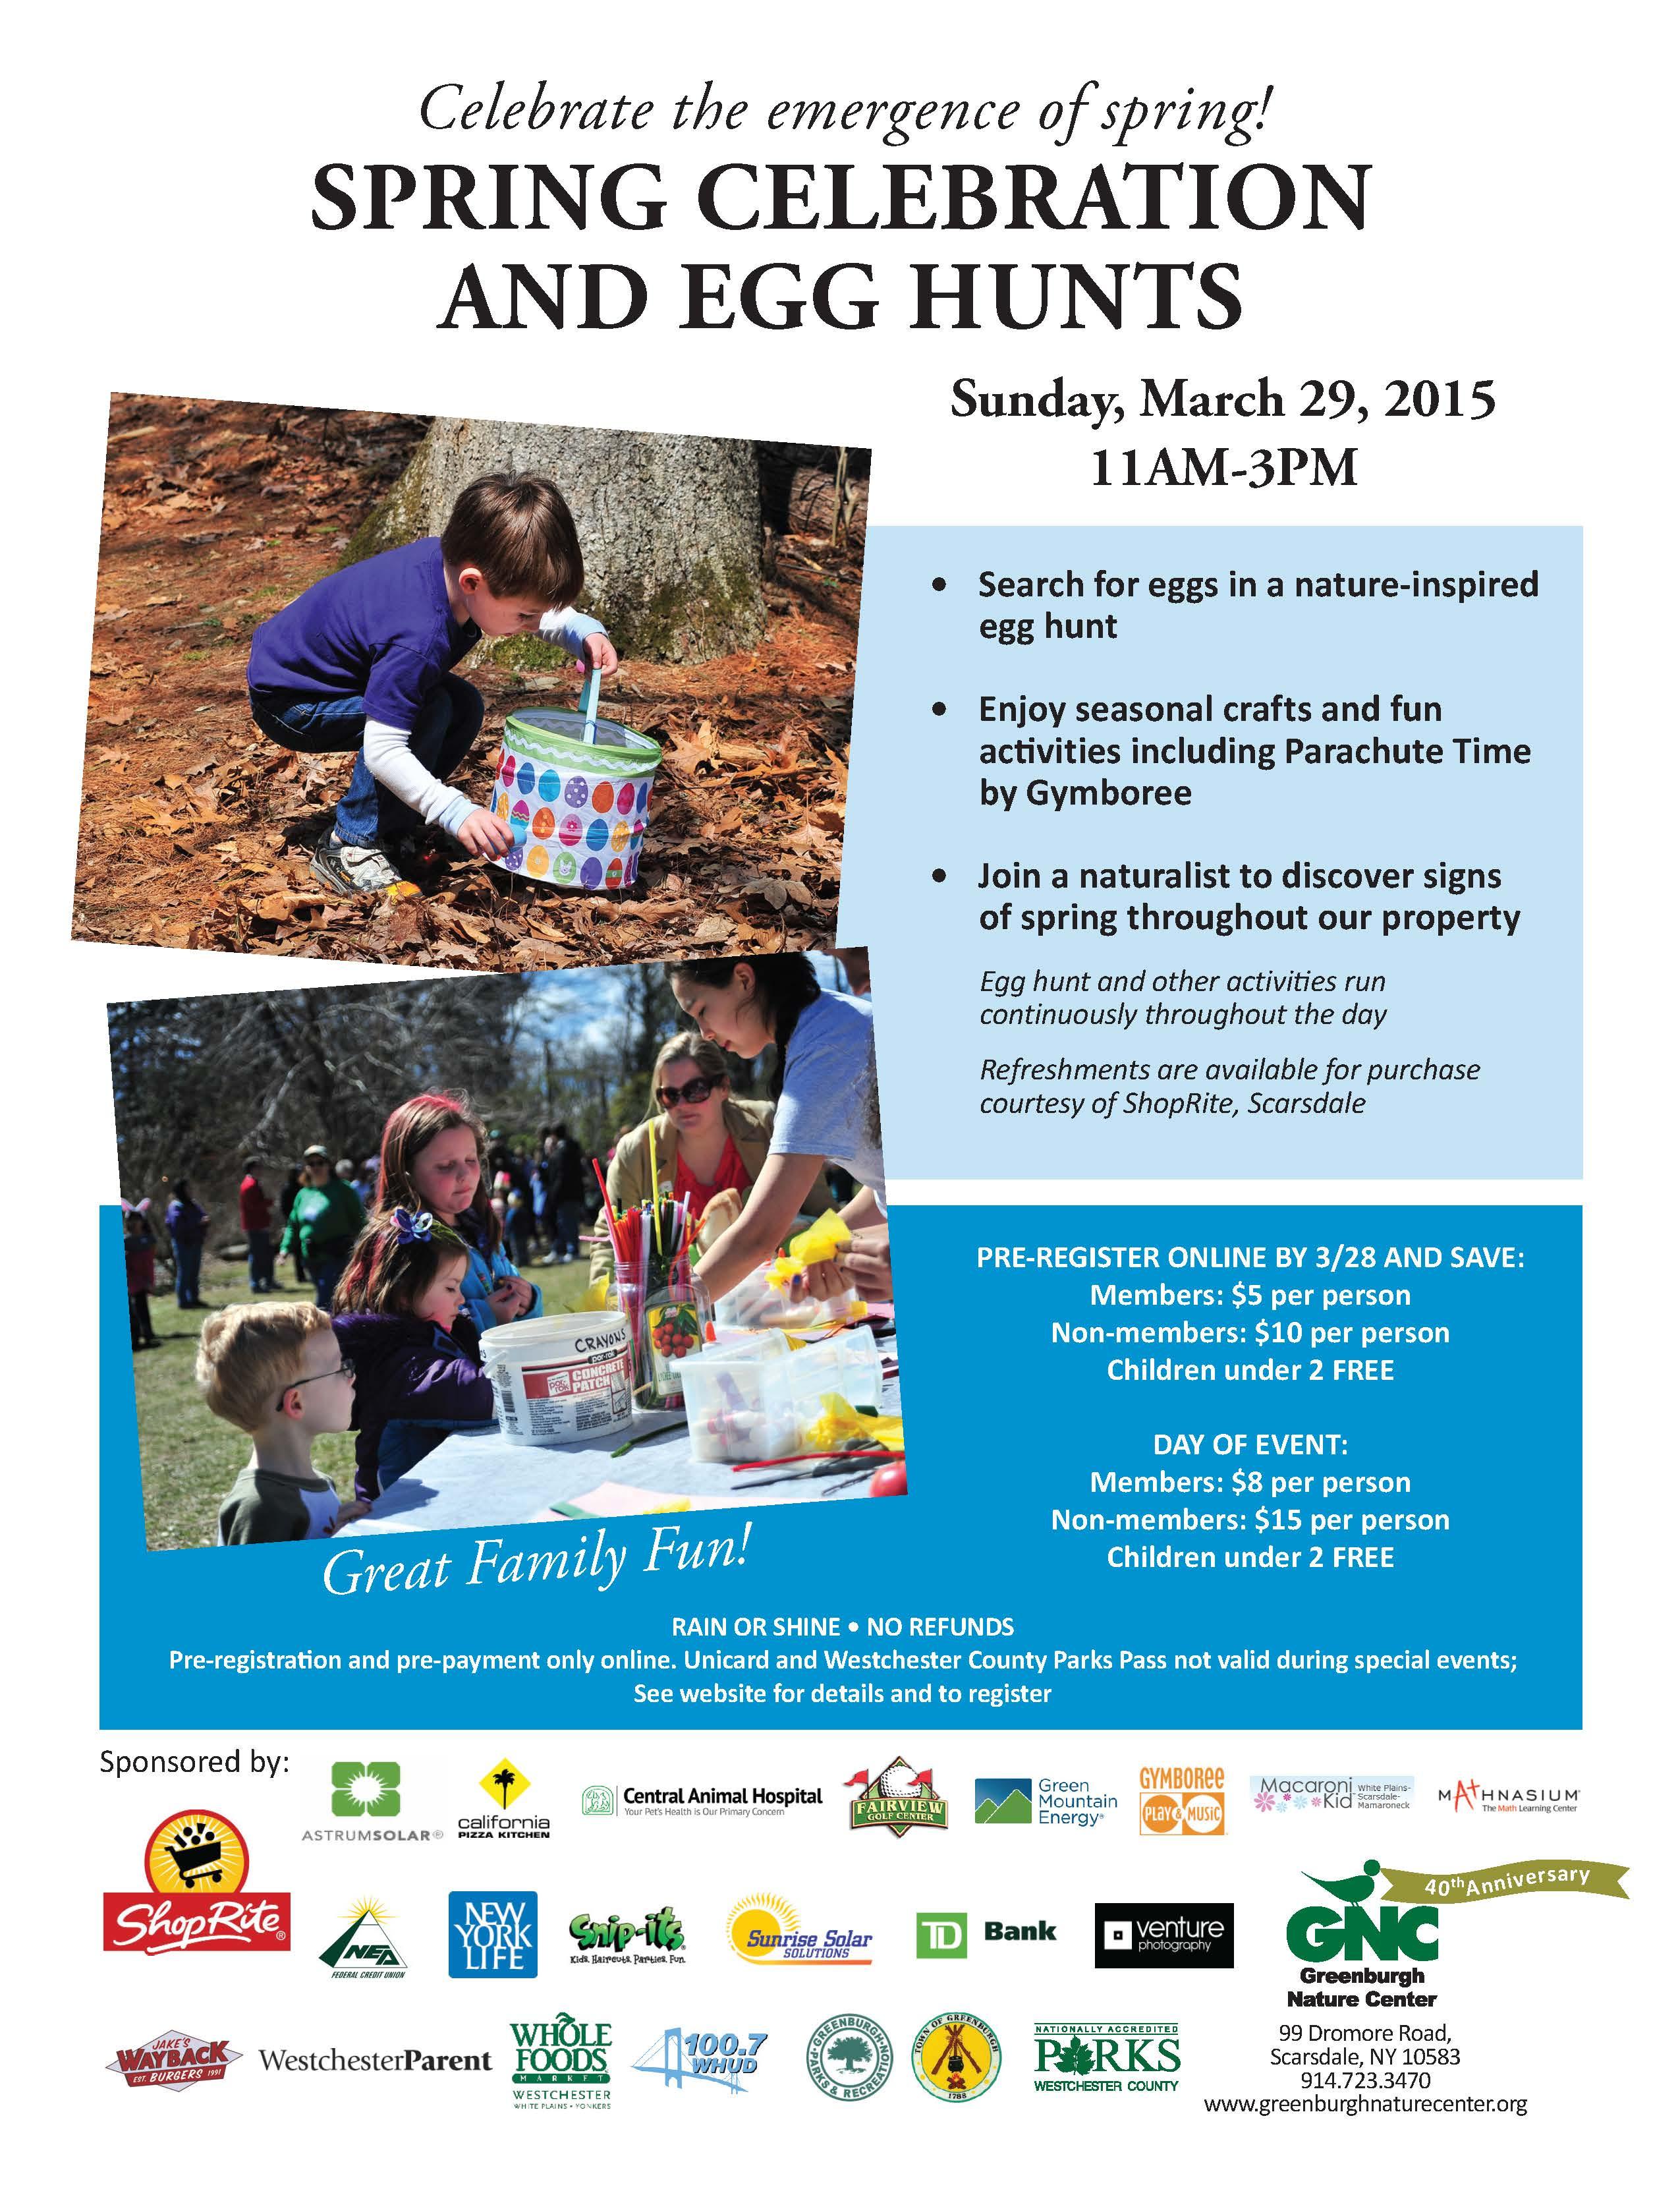 Spring Celebration and Egg Hunts